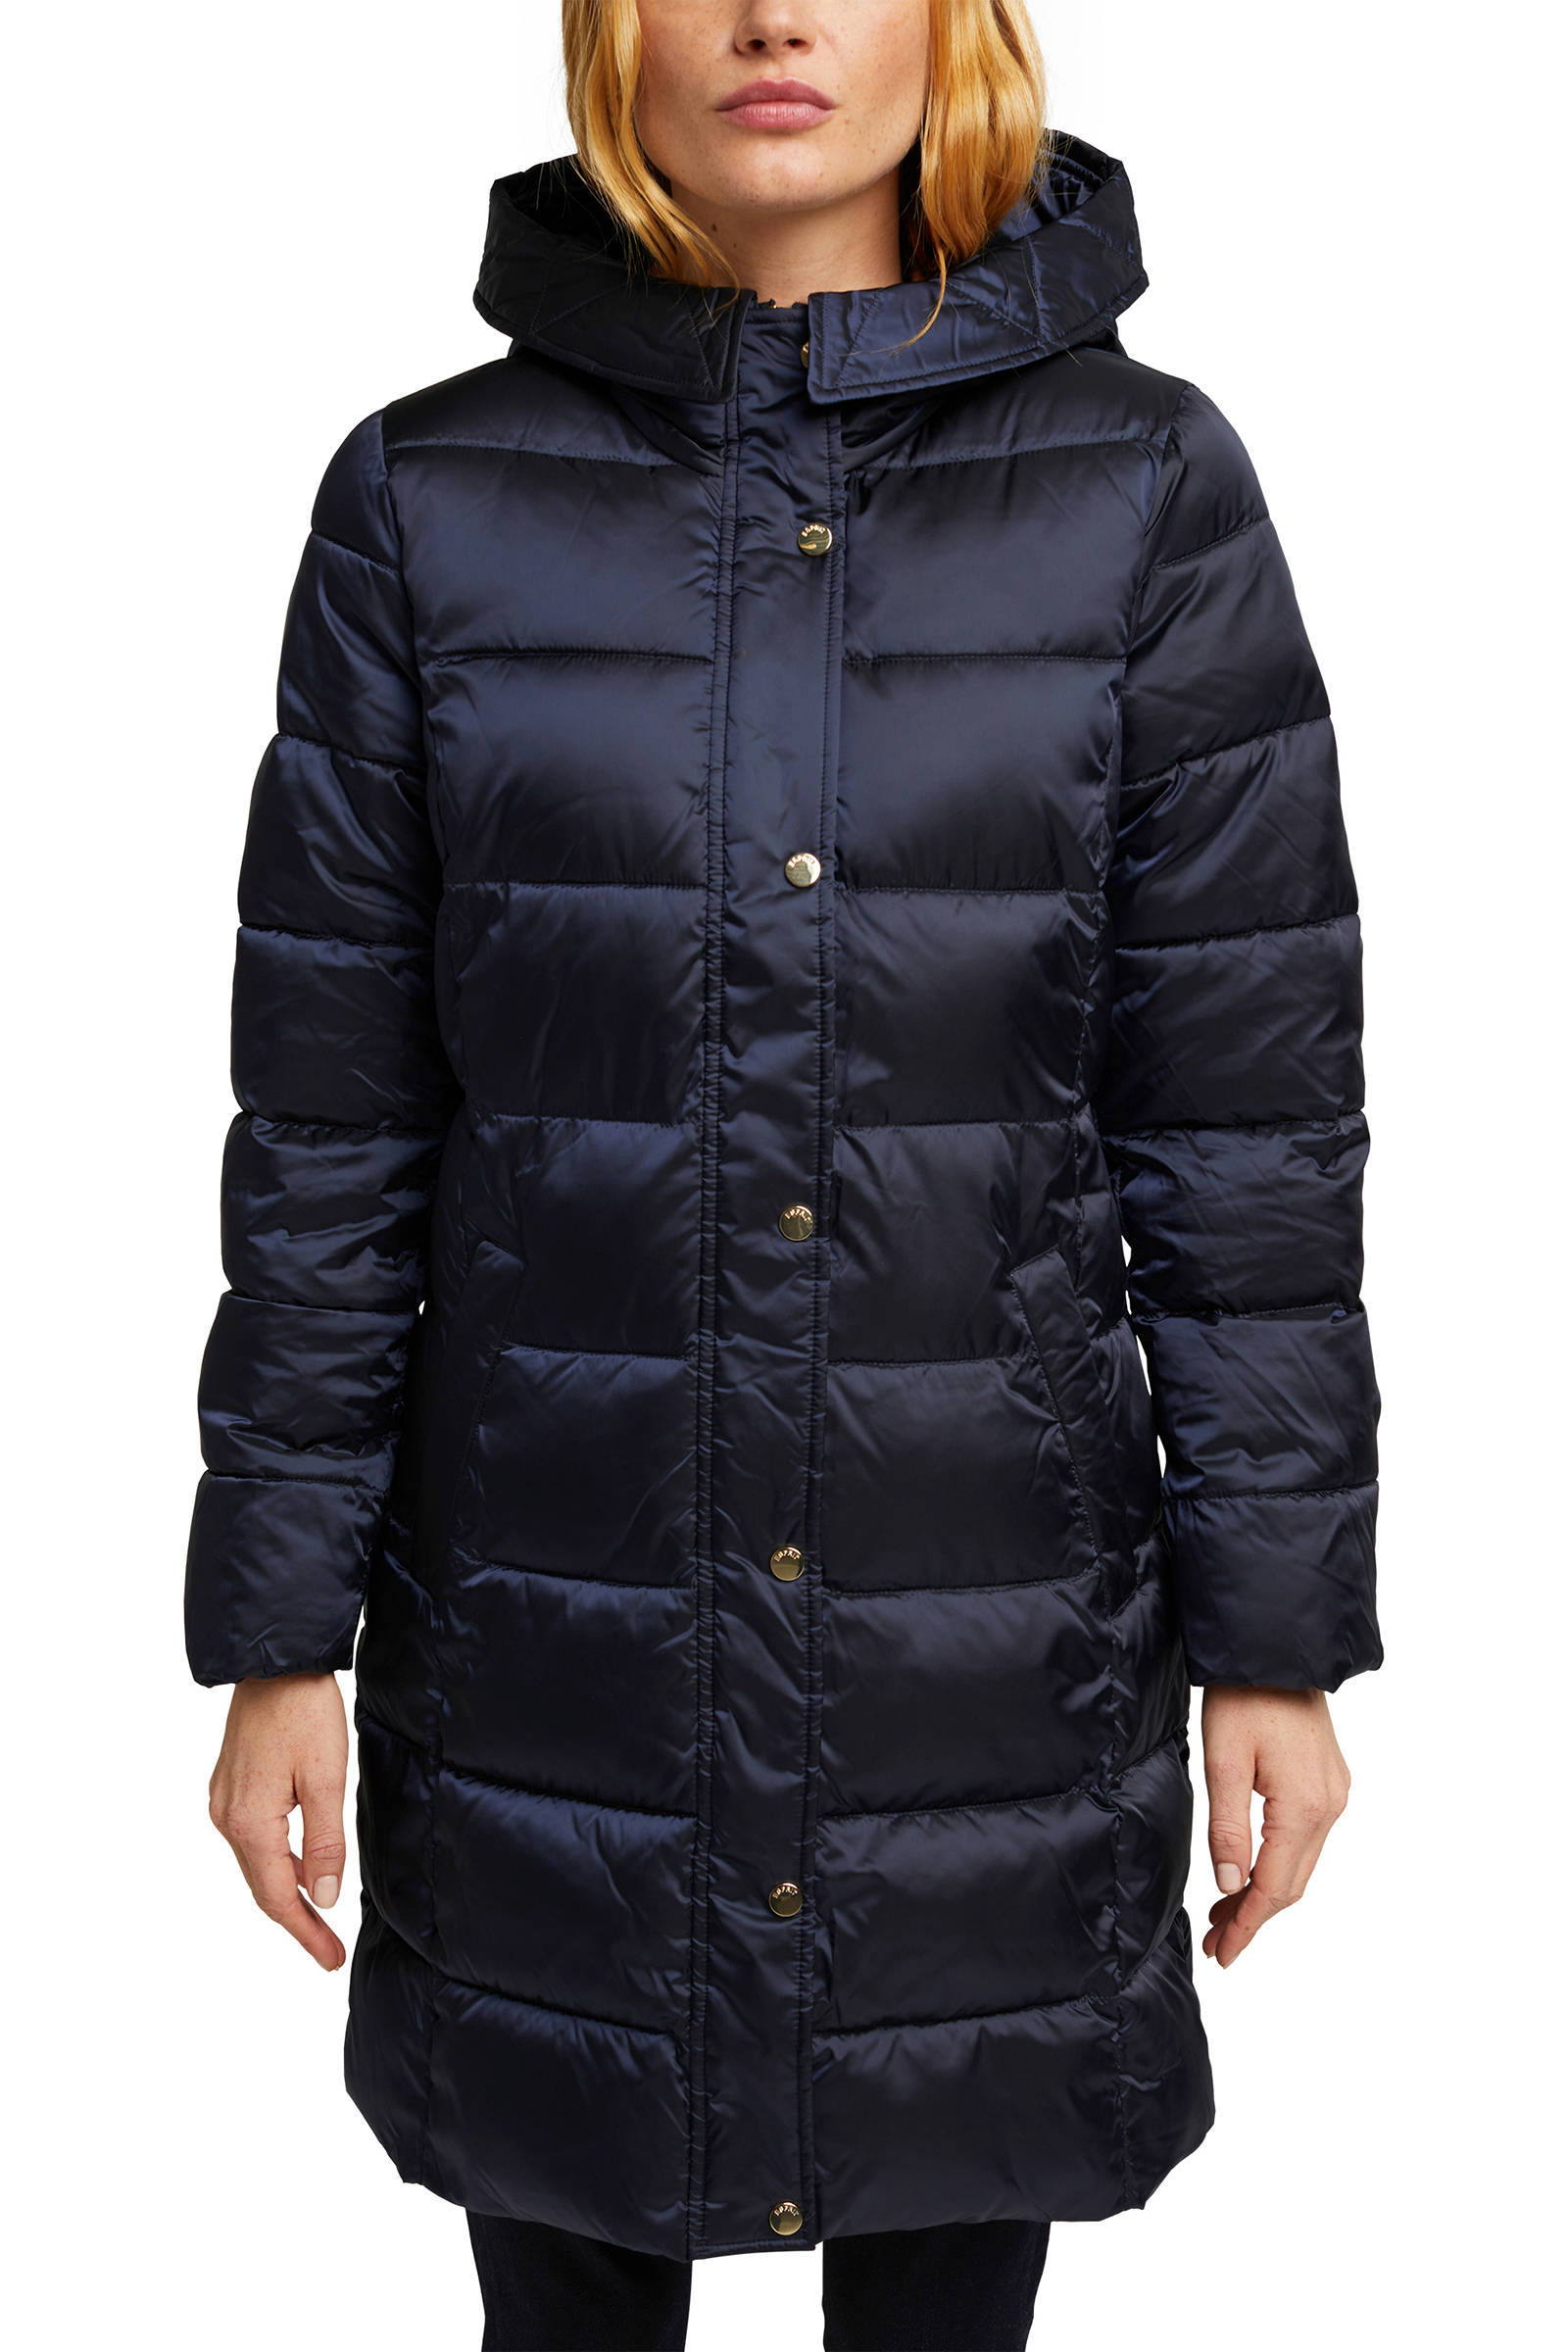 Esprit Jassen voor dames kopen in de online shop